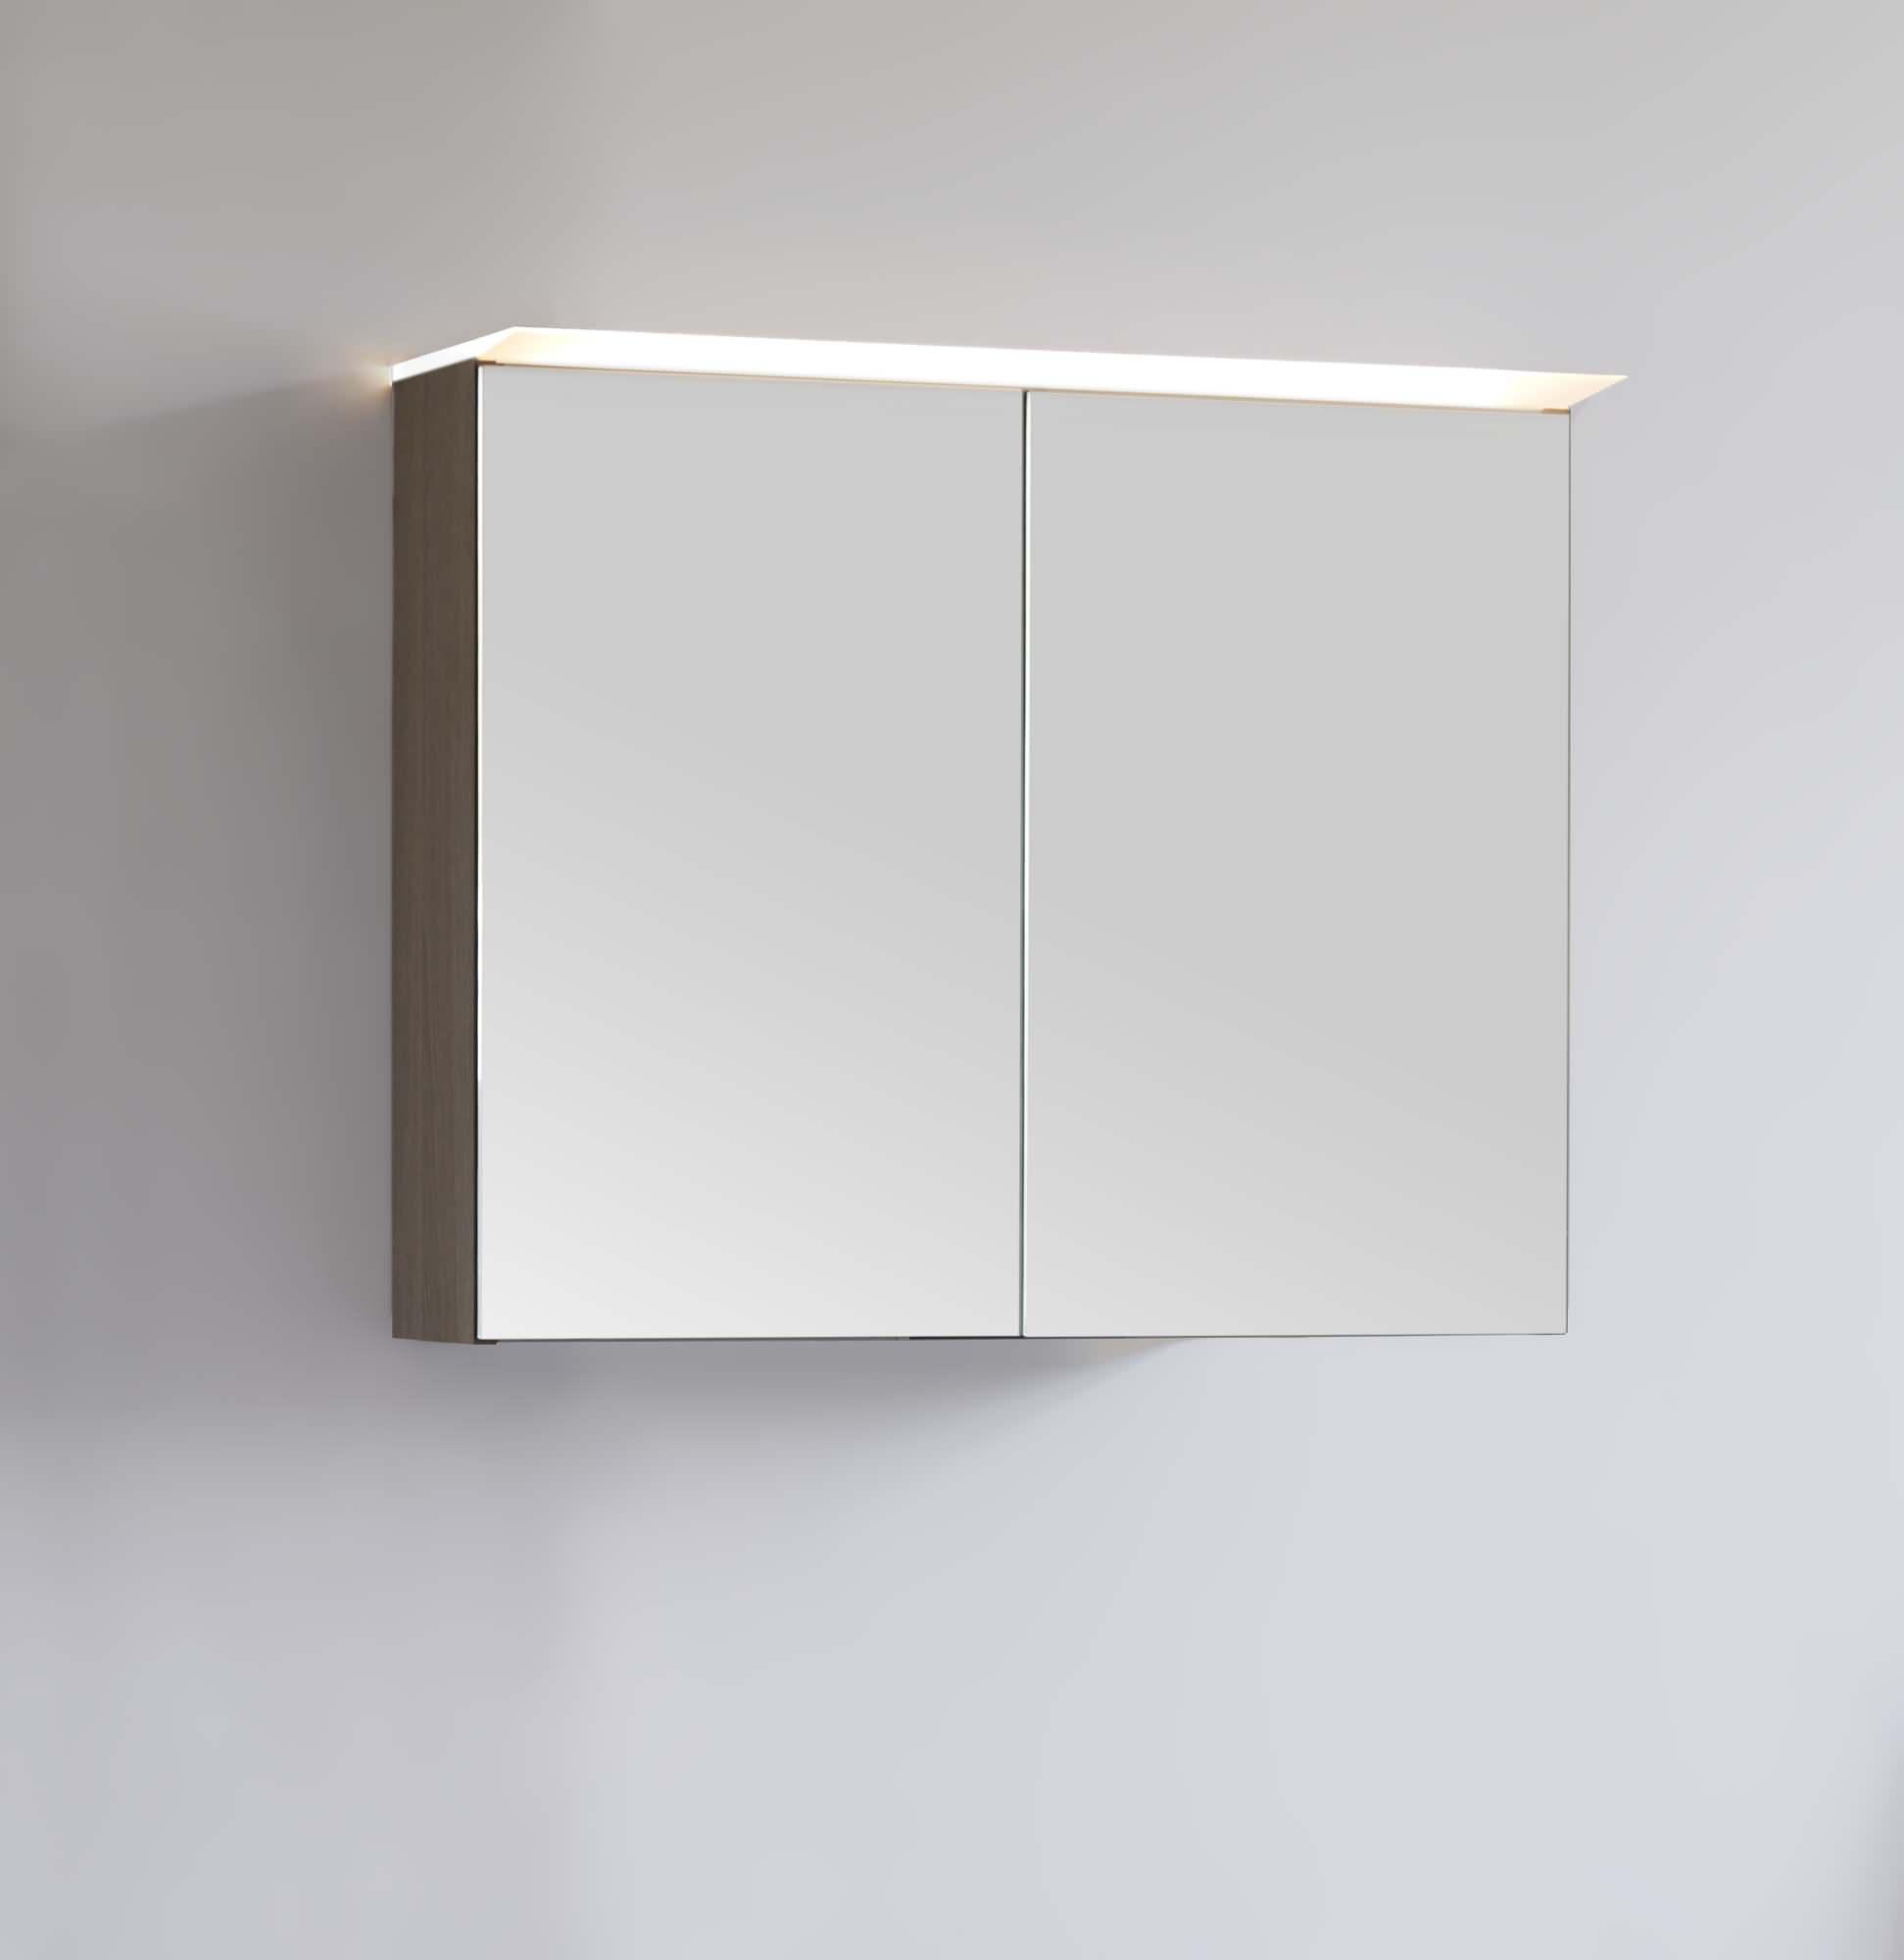 Häufig Scanbad Multo Spiegelschrank ohne Beleuchtung 60cm x 64cm - Weiß GG89